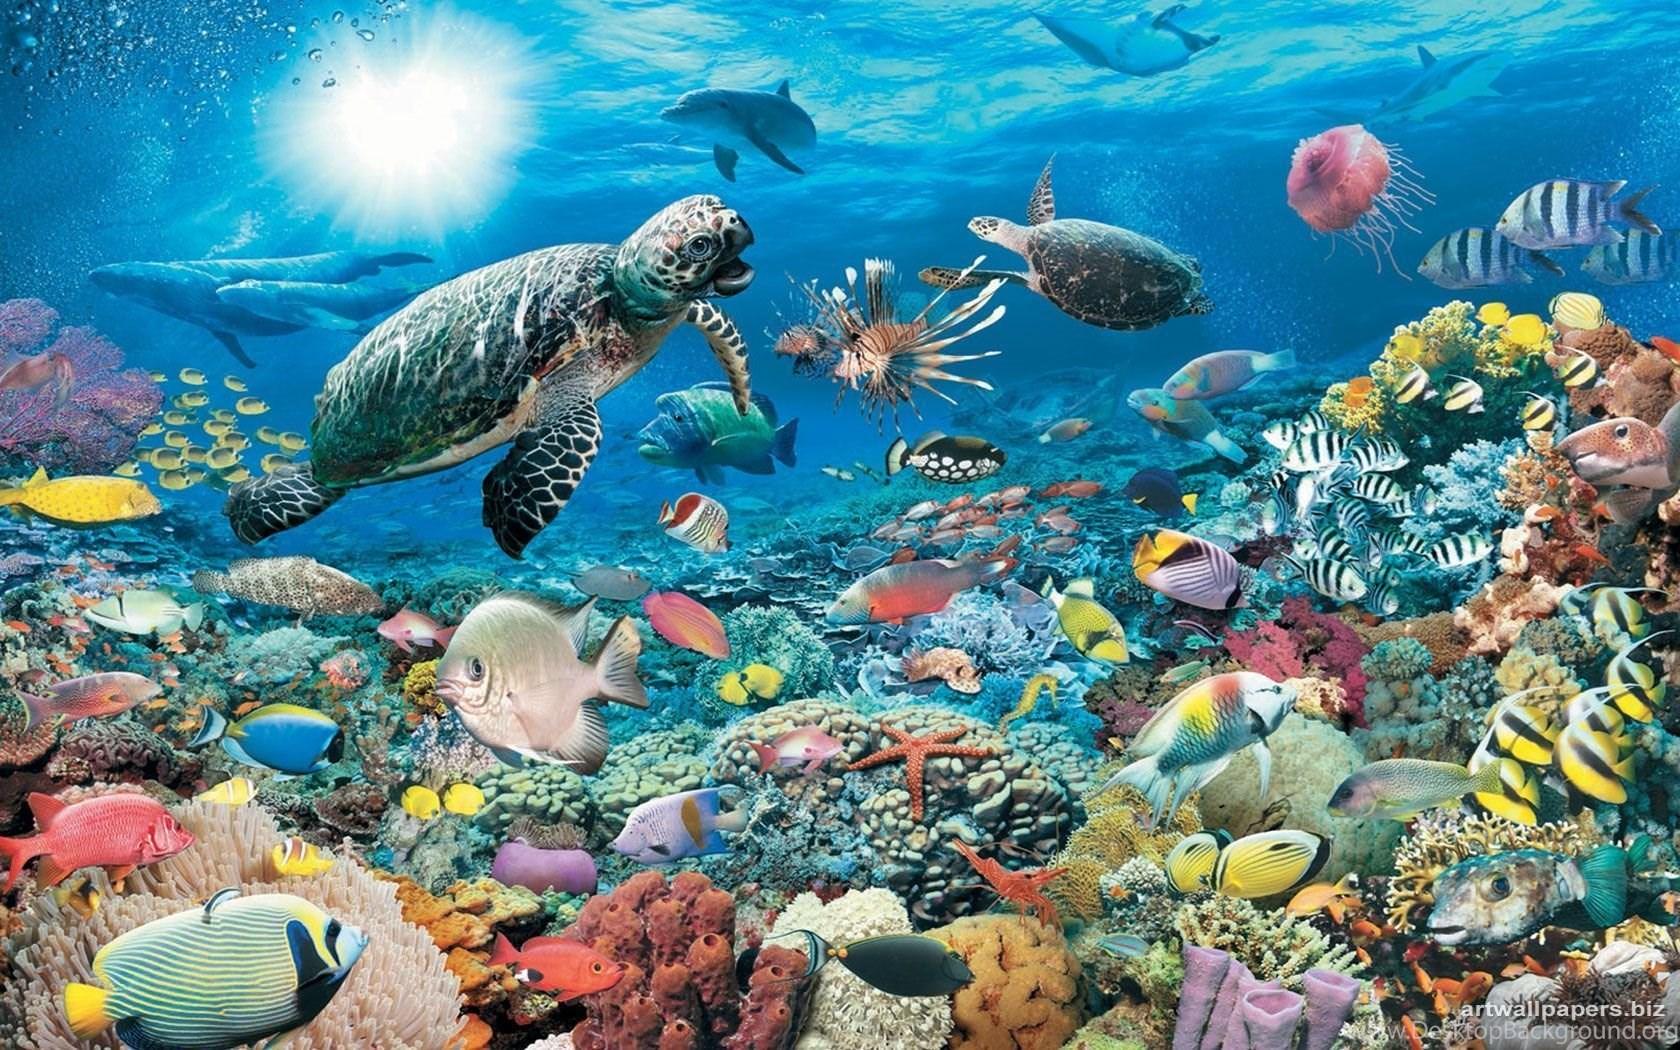 вас картинка моря и морских обитателей желании